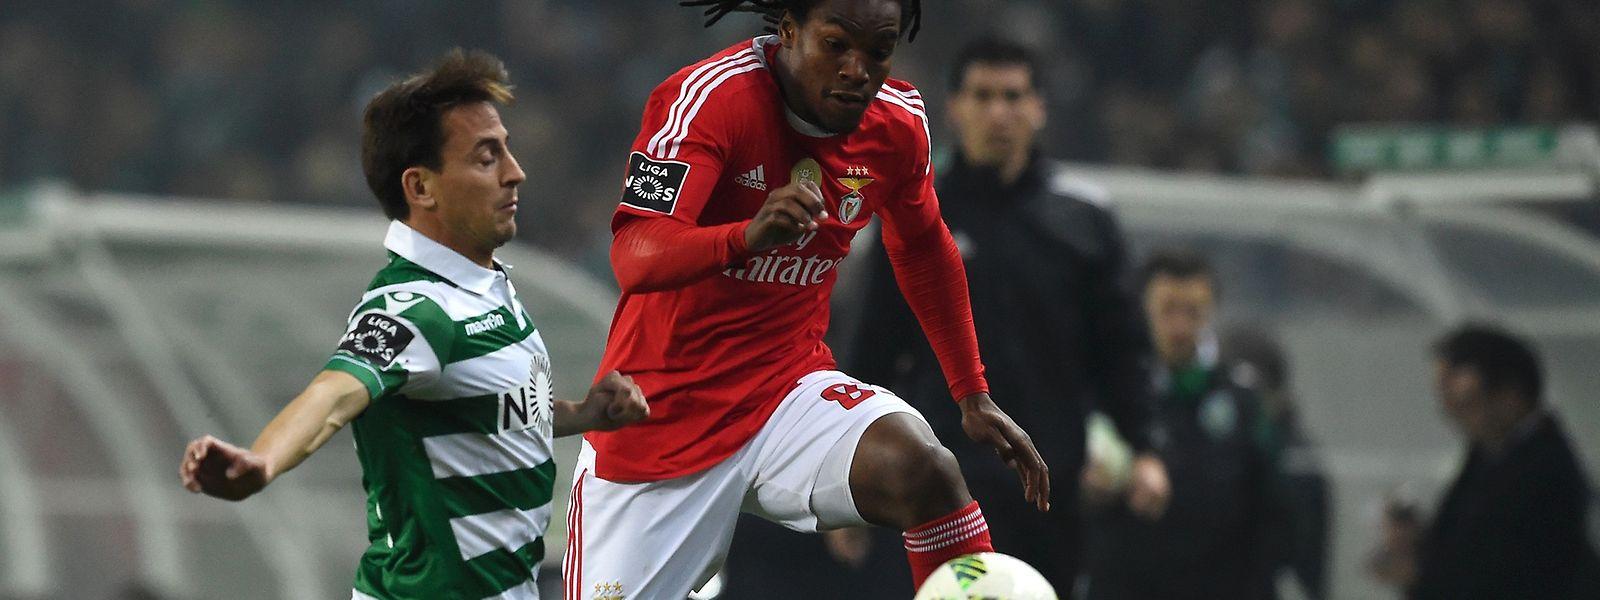 Benfica e Sporting continuam na corrida ao título